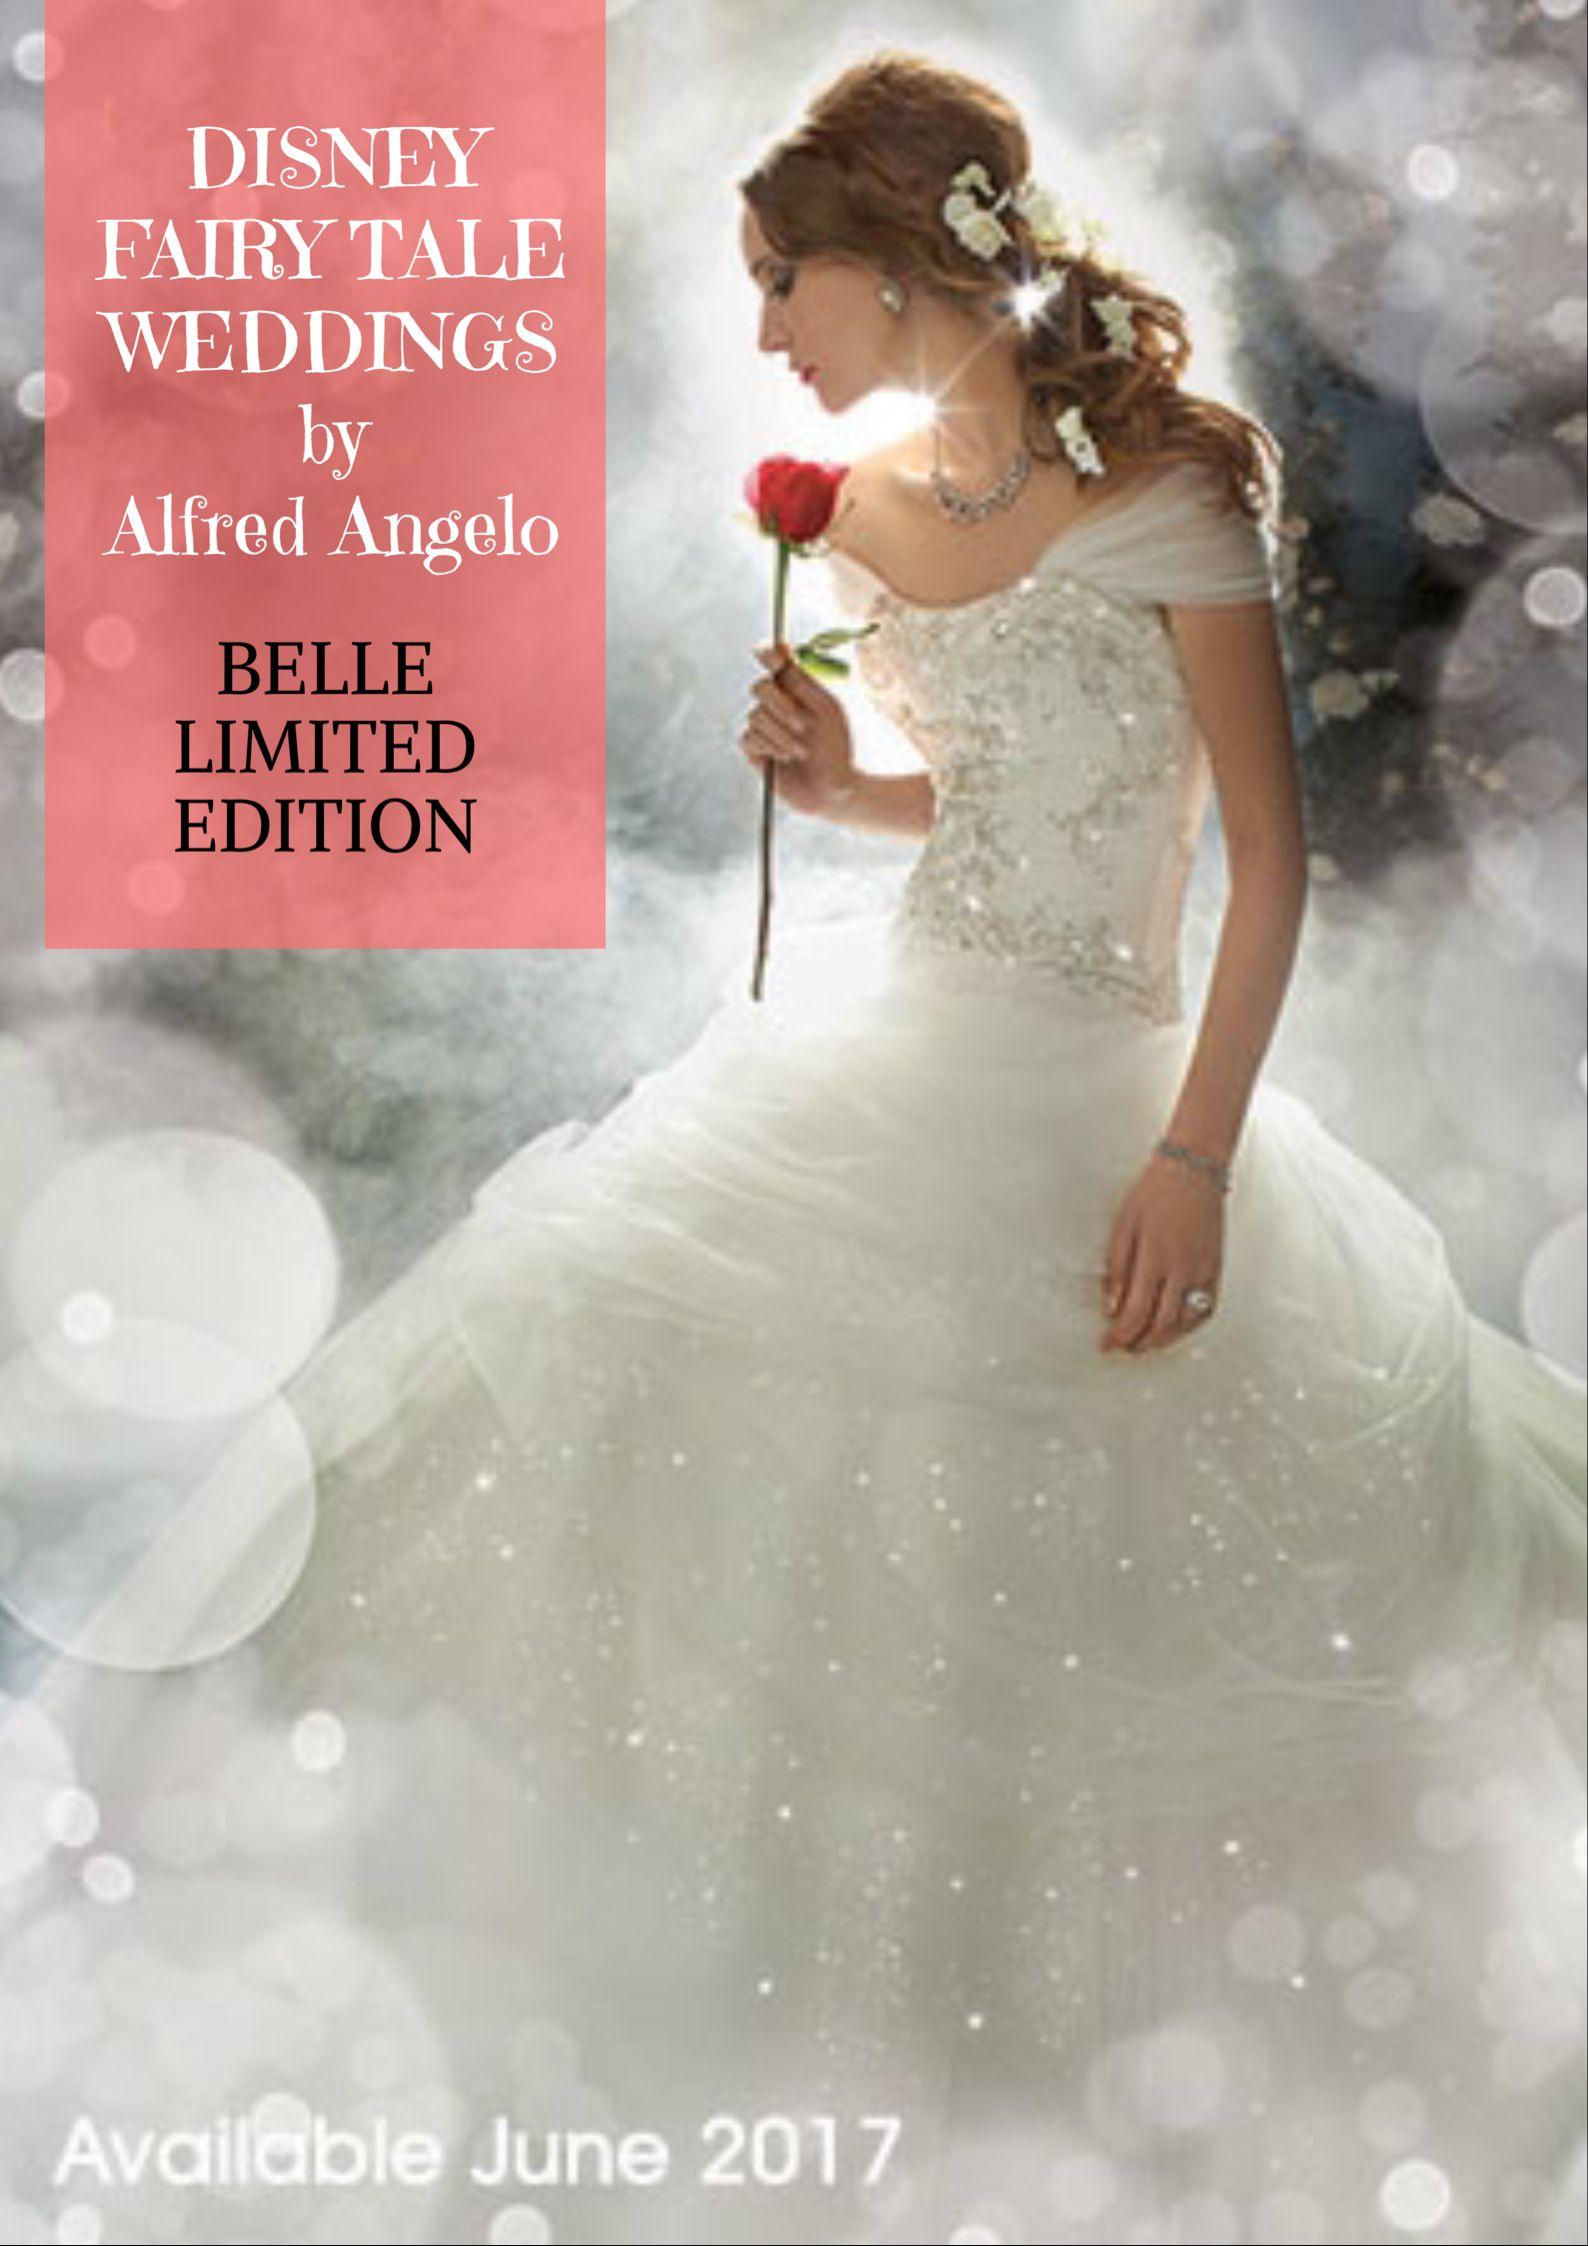 Disney Princess Belle wedding dress design for 2017--Limited Edition ...